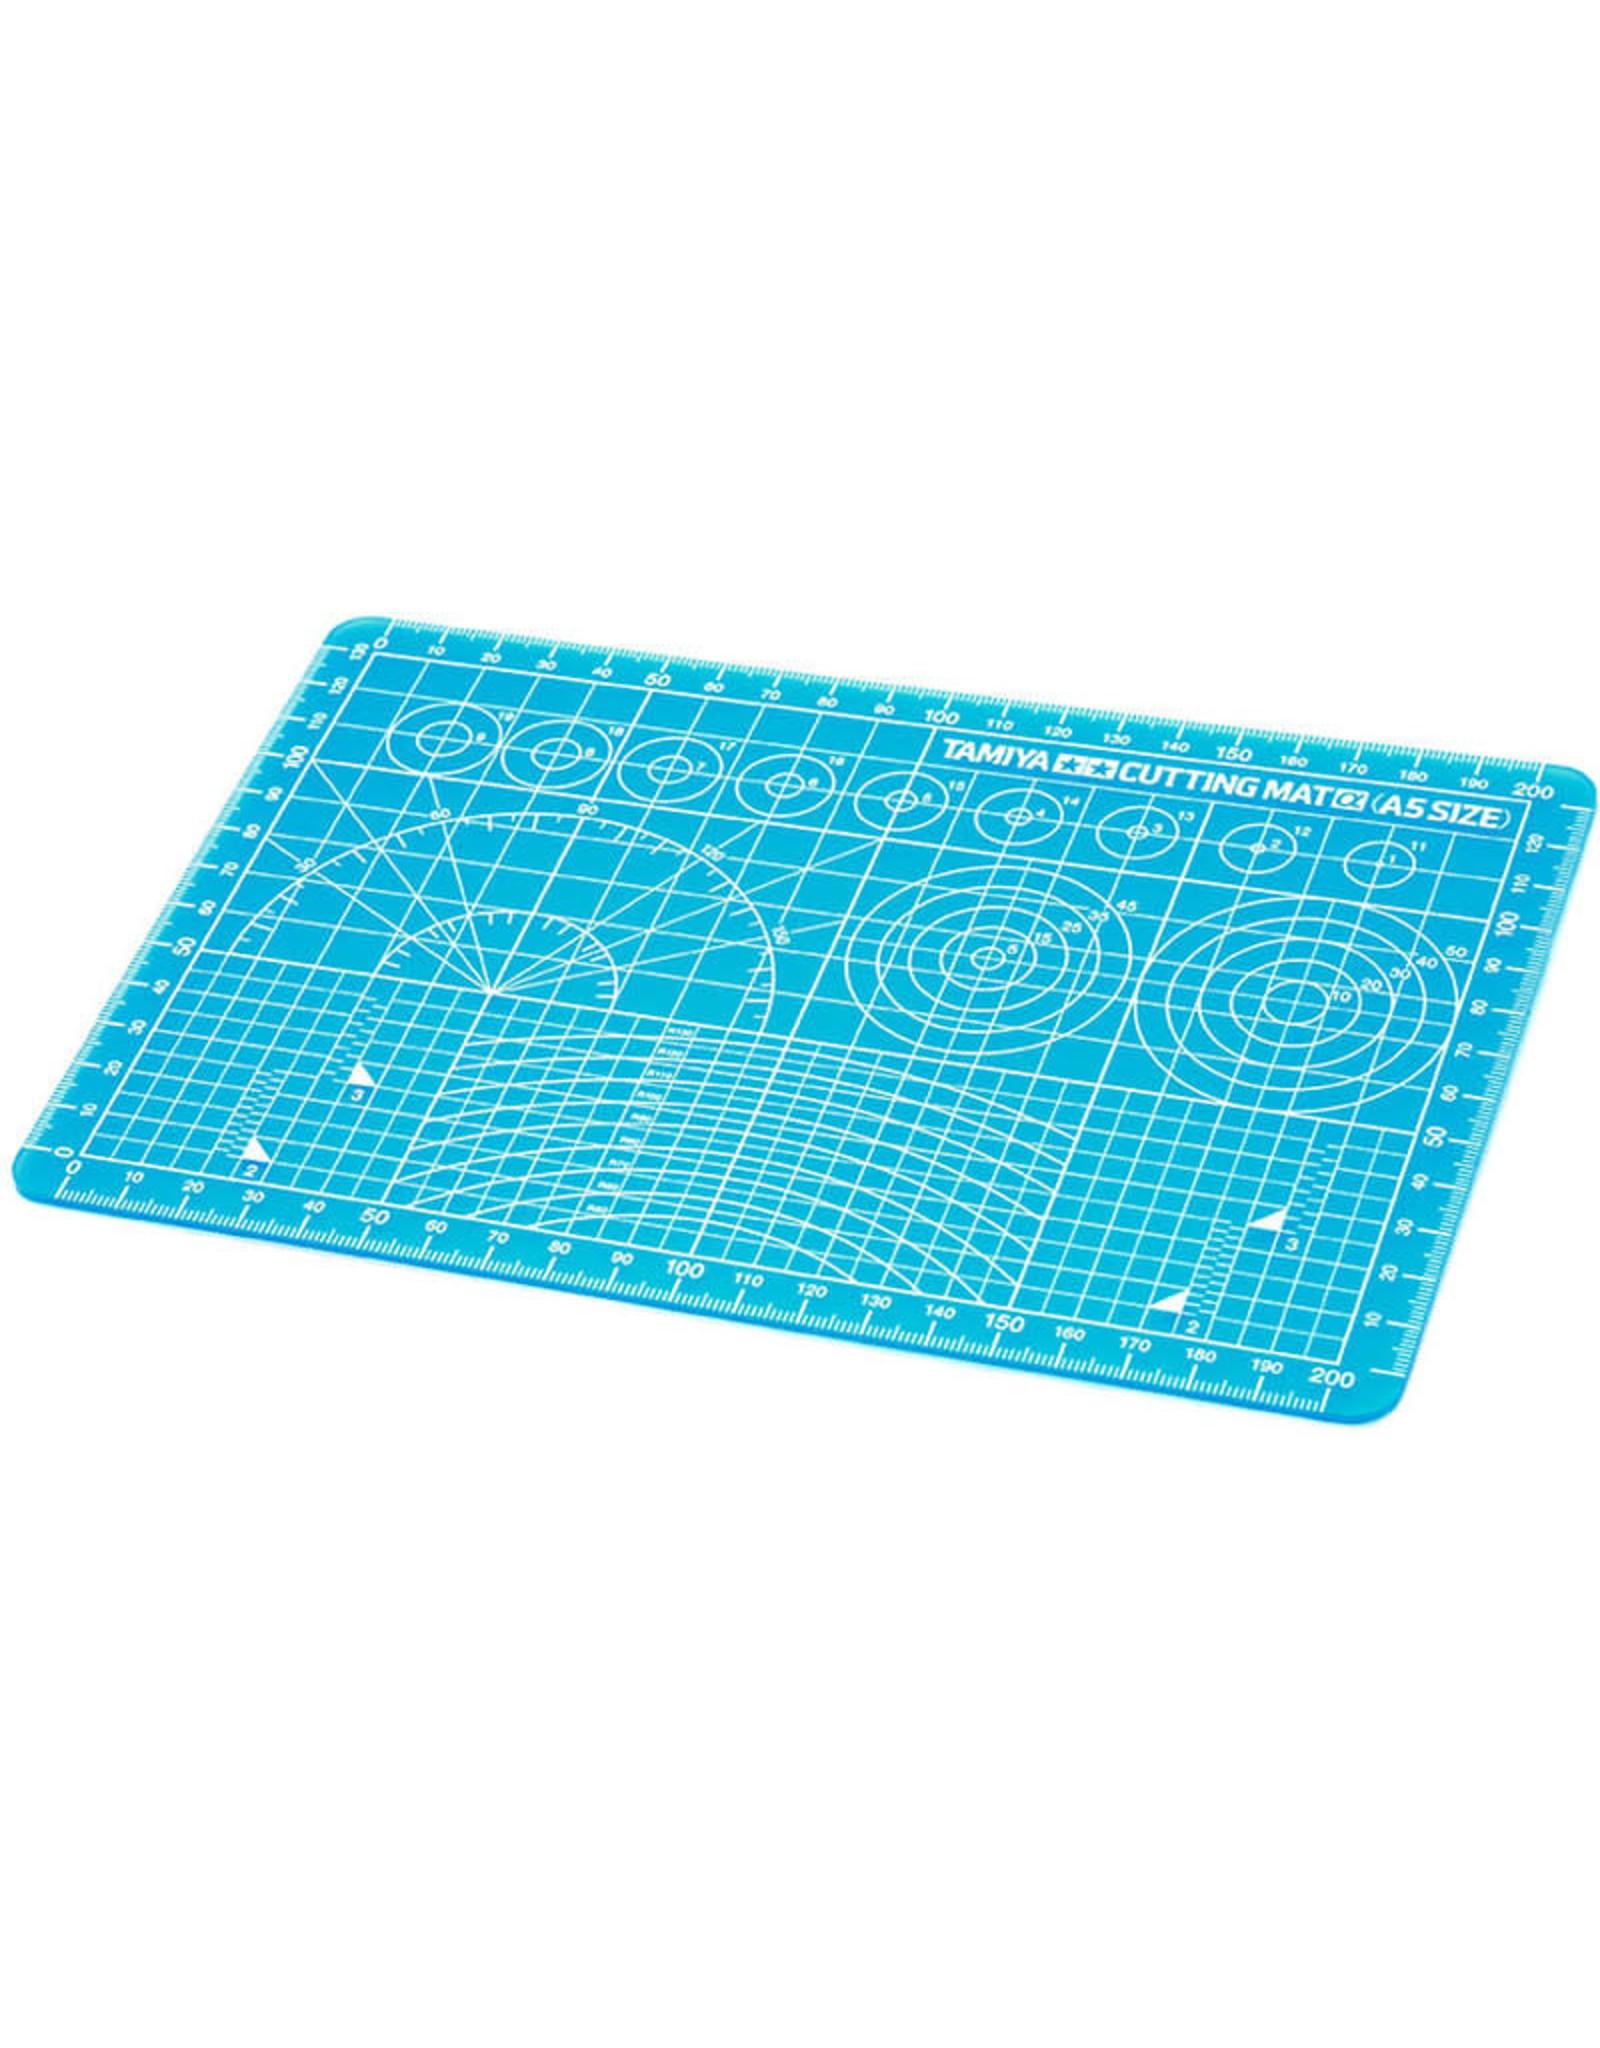 Tamiya Cutting Mat (A5 Size/ Blue)